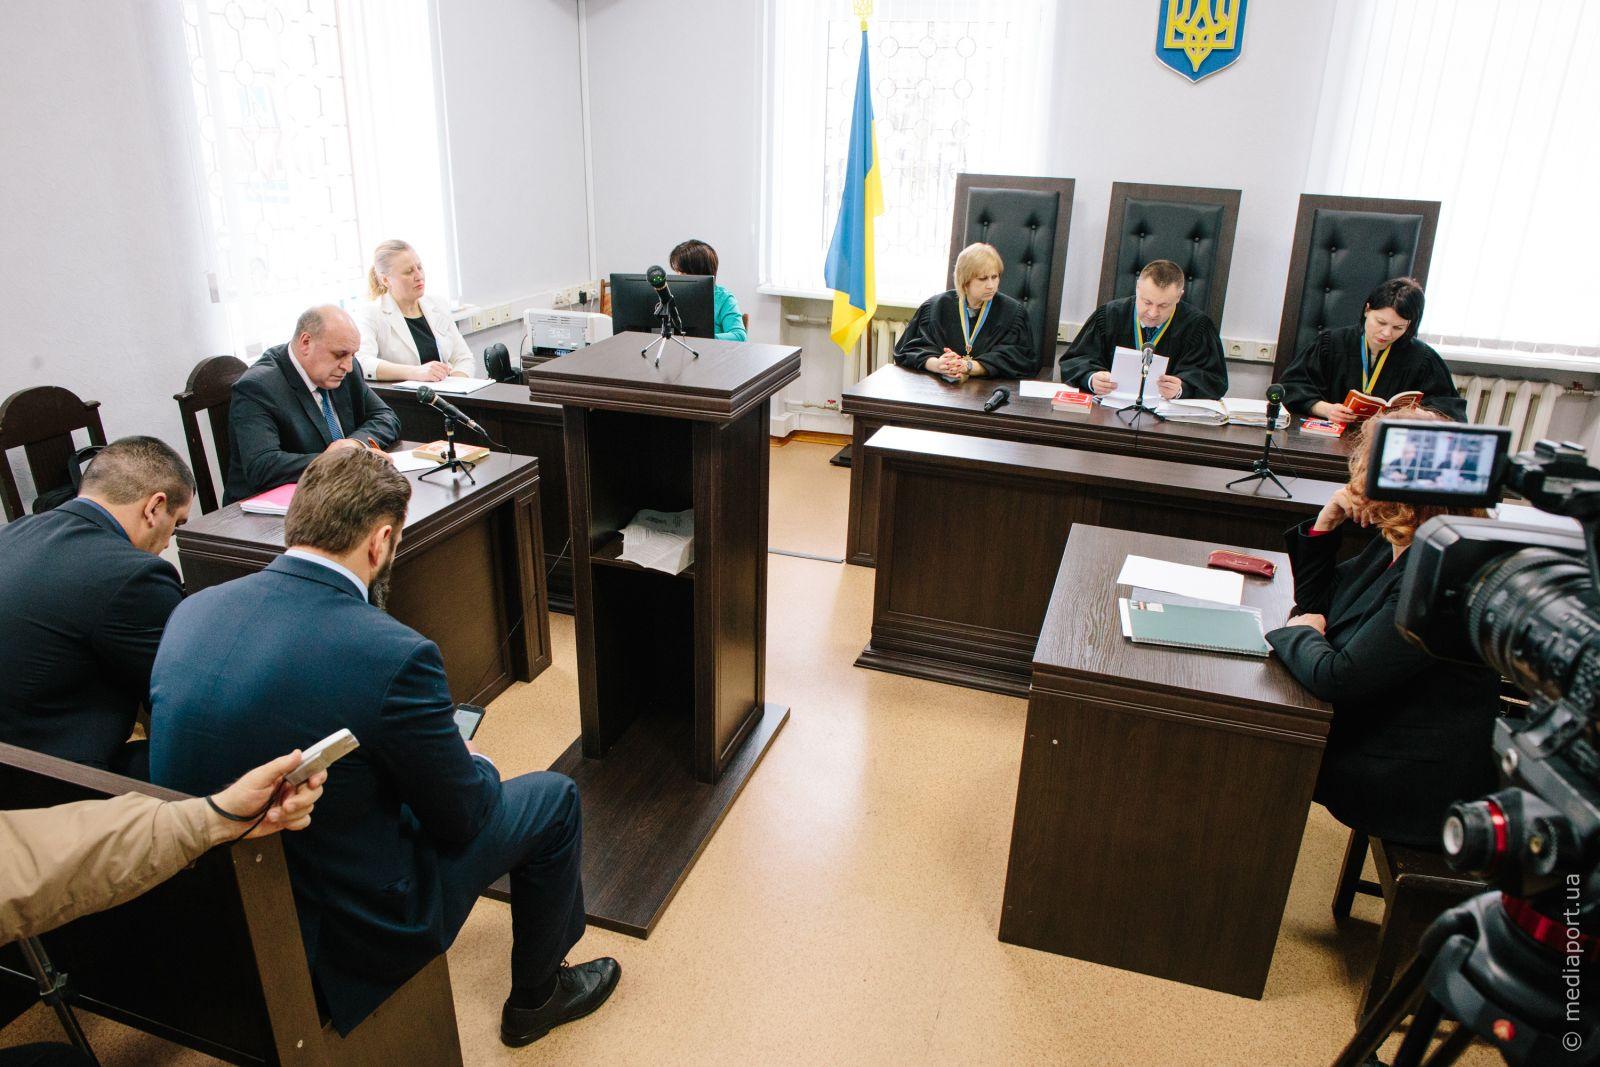 Полтавський апеляційний суд, 2019 рік. Фото Павла Пахоменка